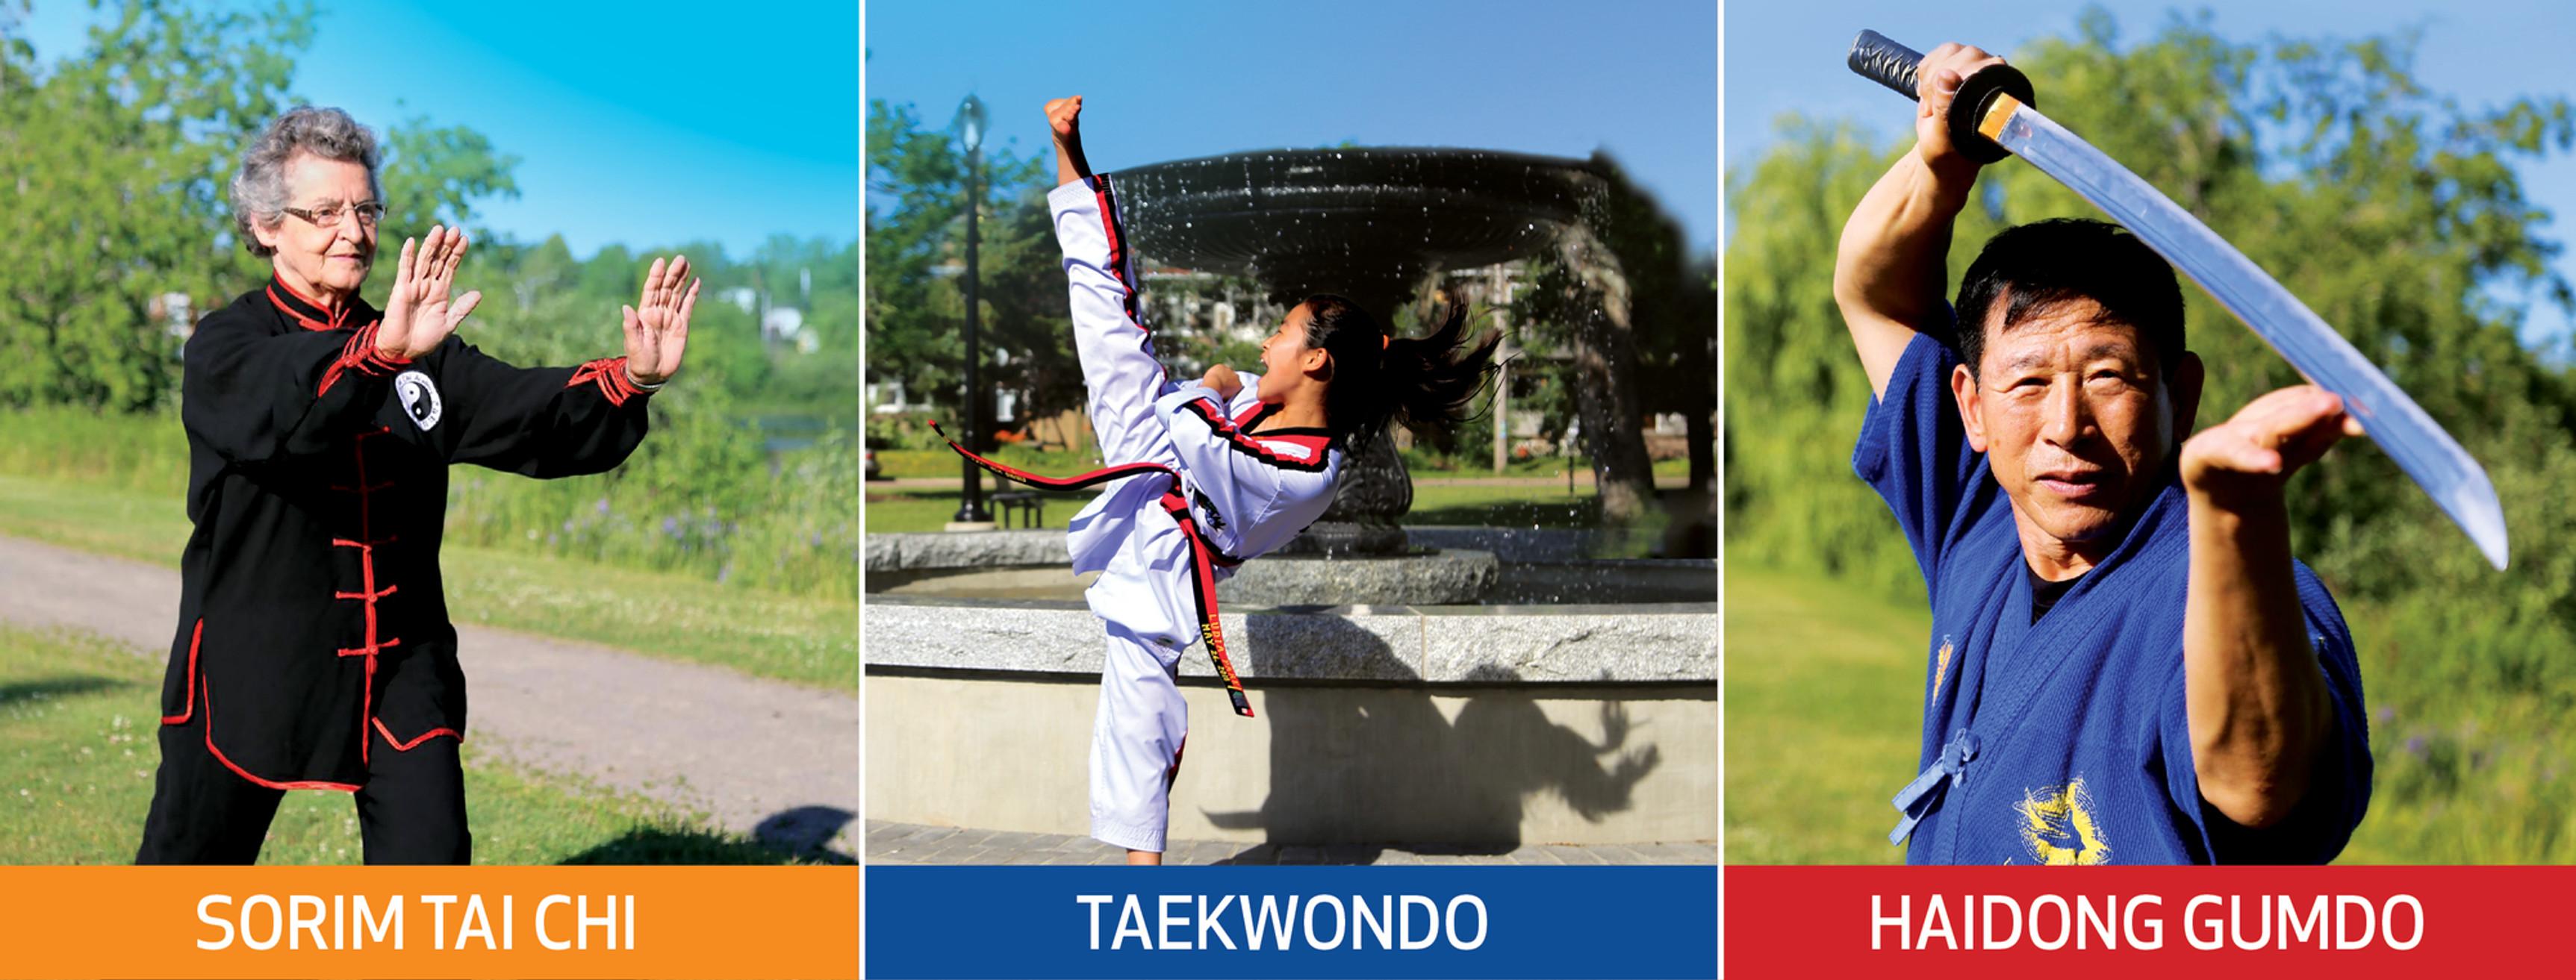 Chung Won Institute of Taekwondo